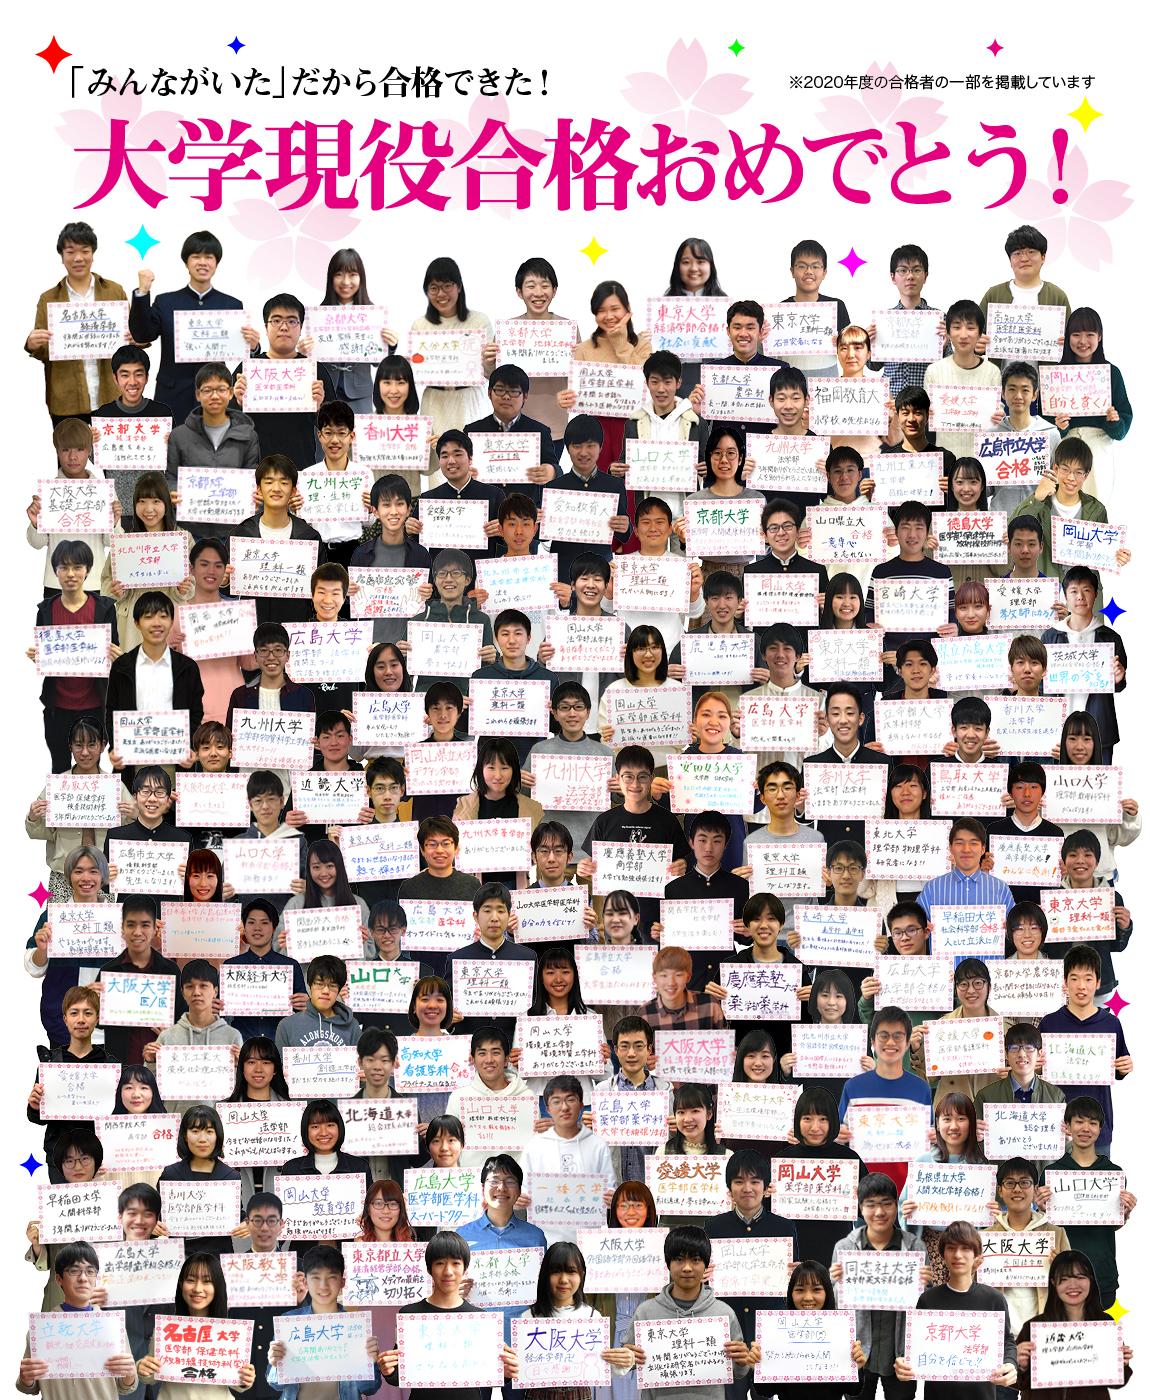 県 高校 福岡 2020 公立 ライン 入試 合格